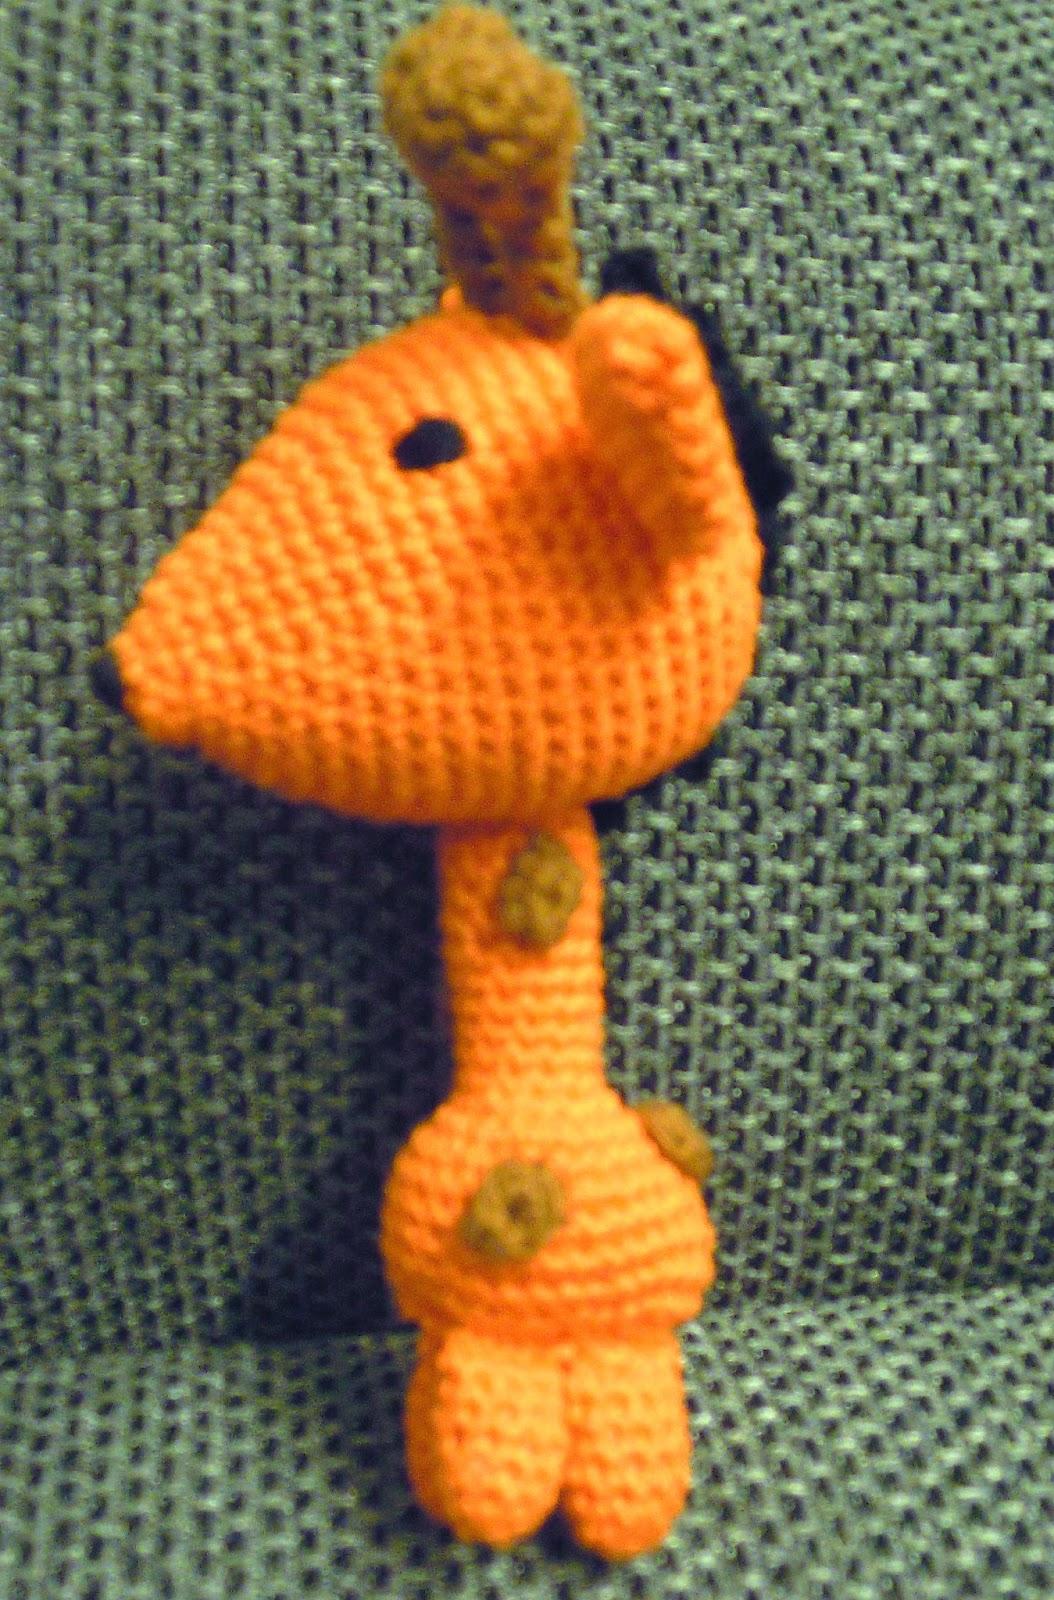 Amigurumi Giraffe Anleitung : Bastelspa? mit Hasekind: Anleitung - Amigurumi Giraffe